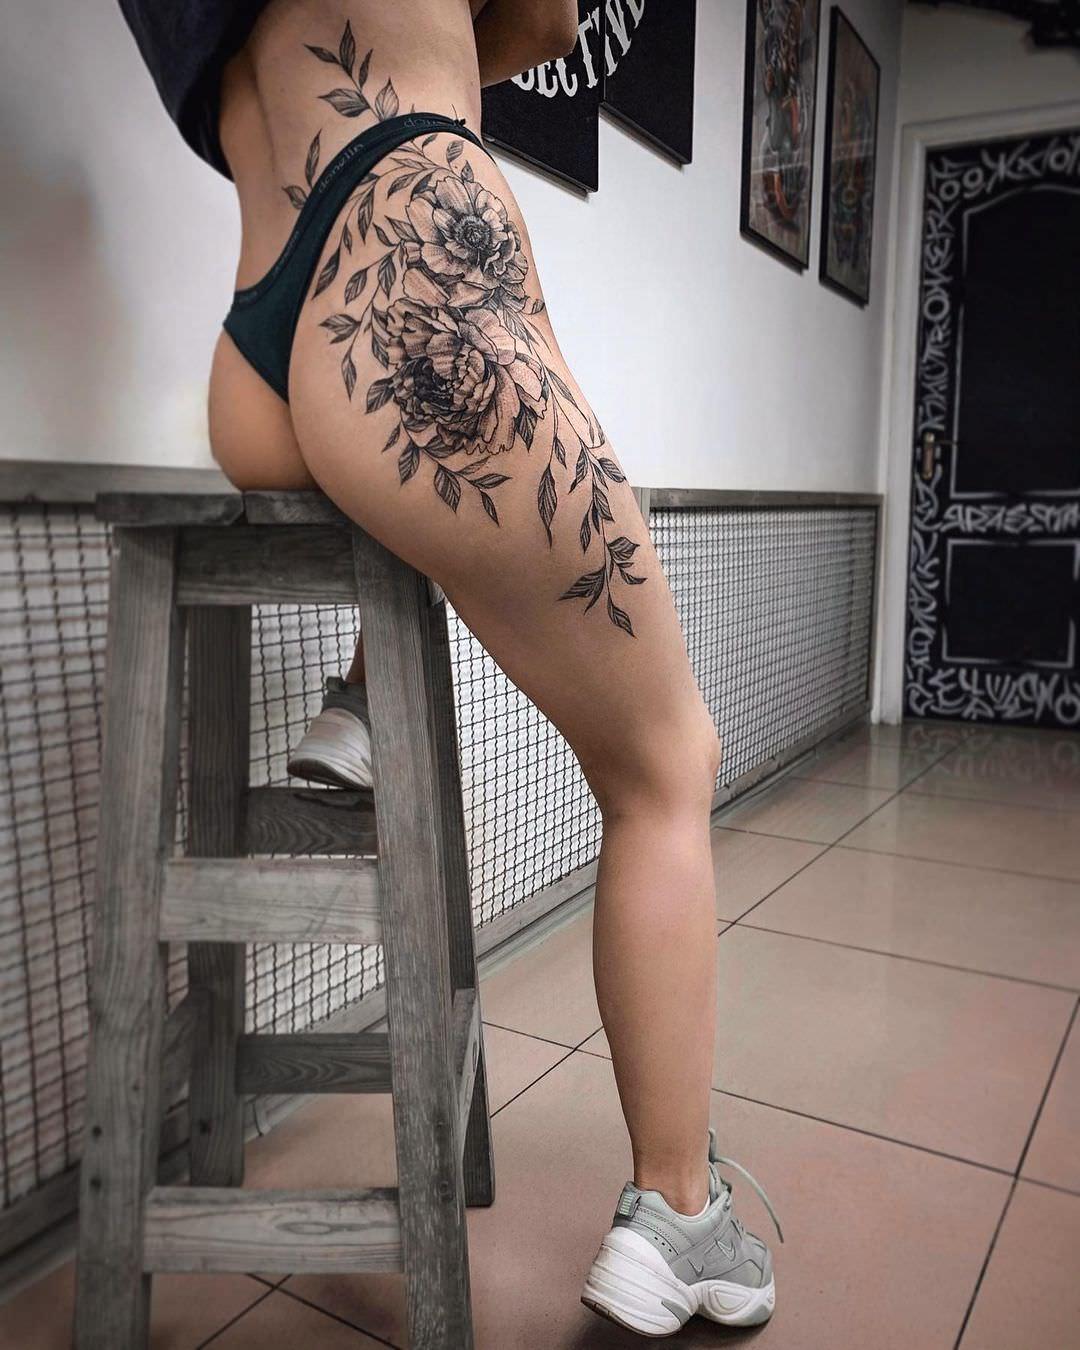 parashutich_tattoo_189246467_883621215602129_6639686154834664920_n